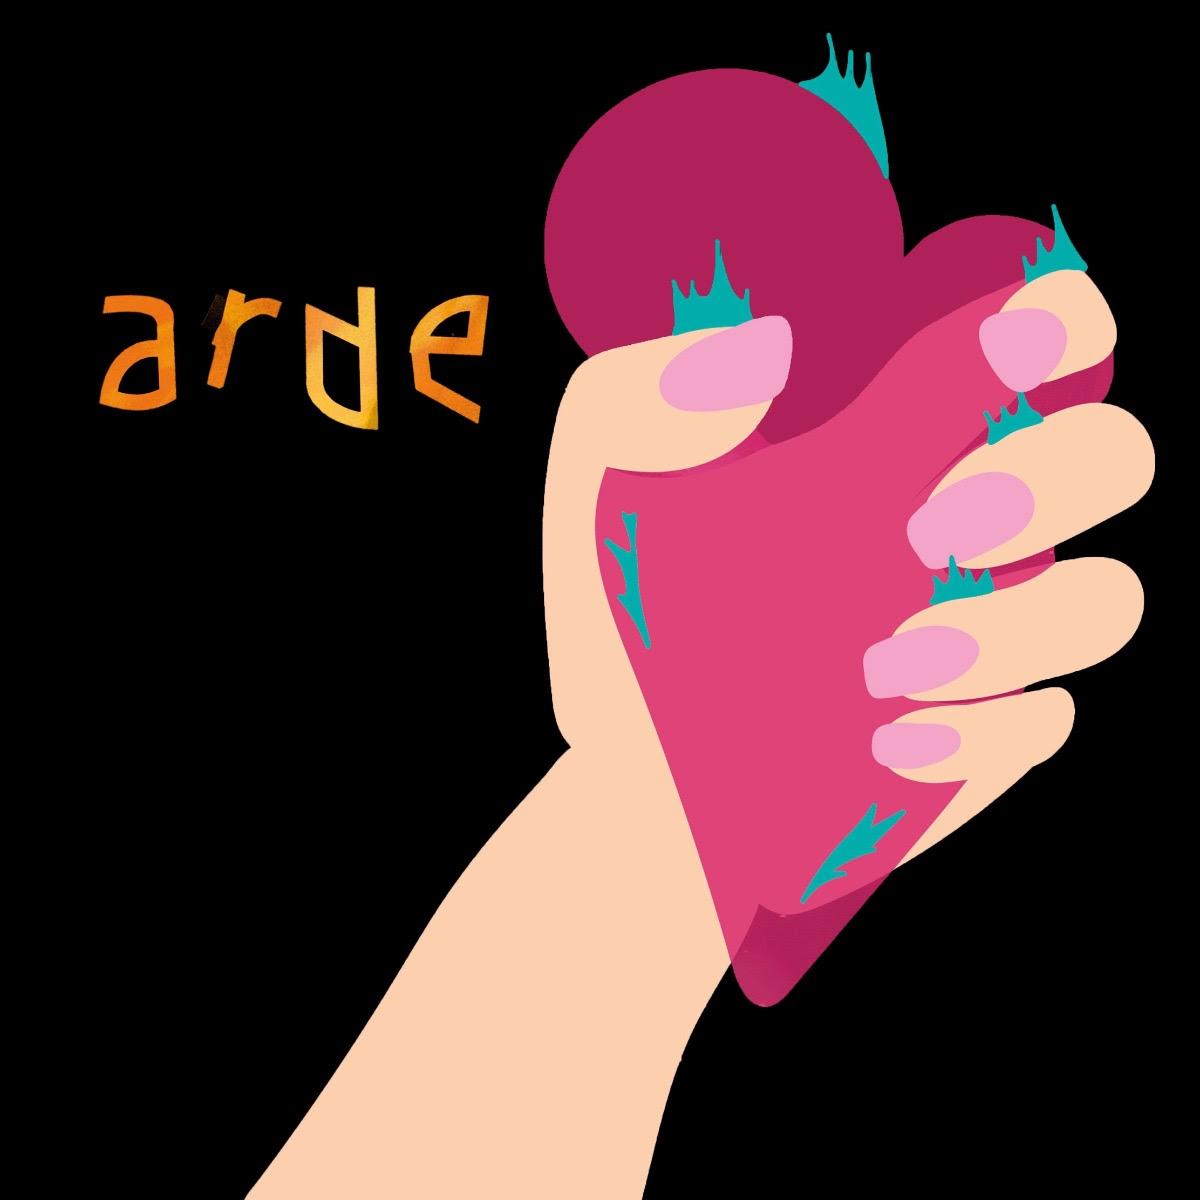 """Quadrafunks estrena el sencillo """"Arde"""" el viernes 8 de noviembre en todas las plataformas digitales"""